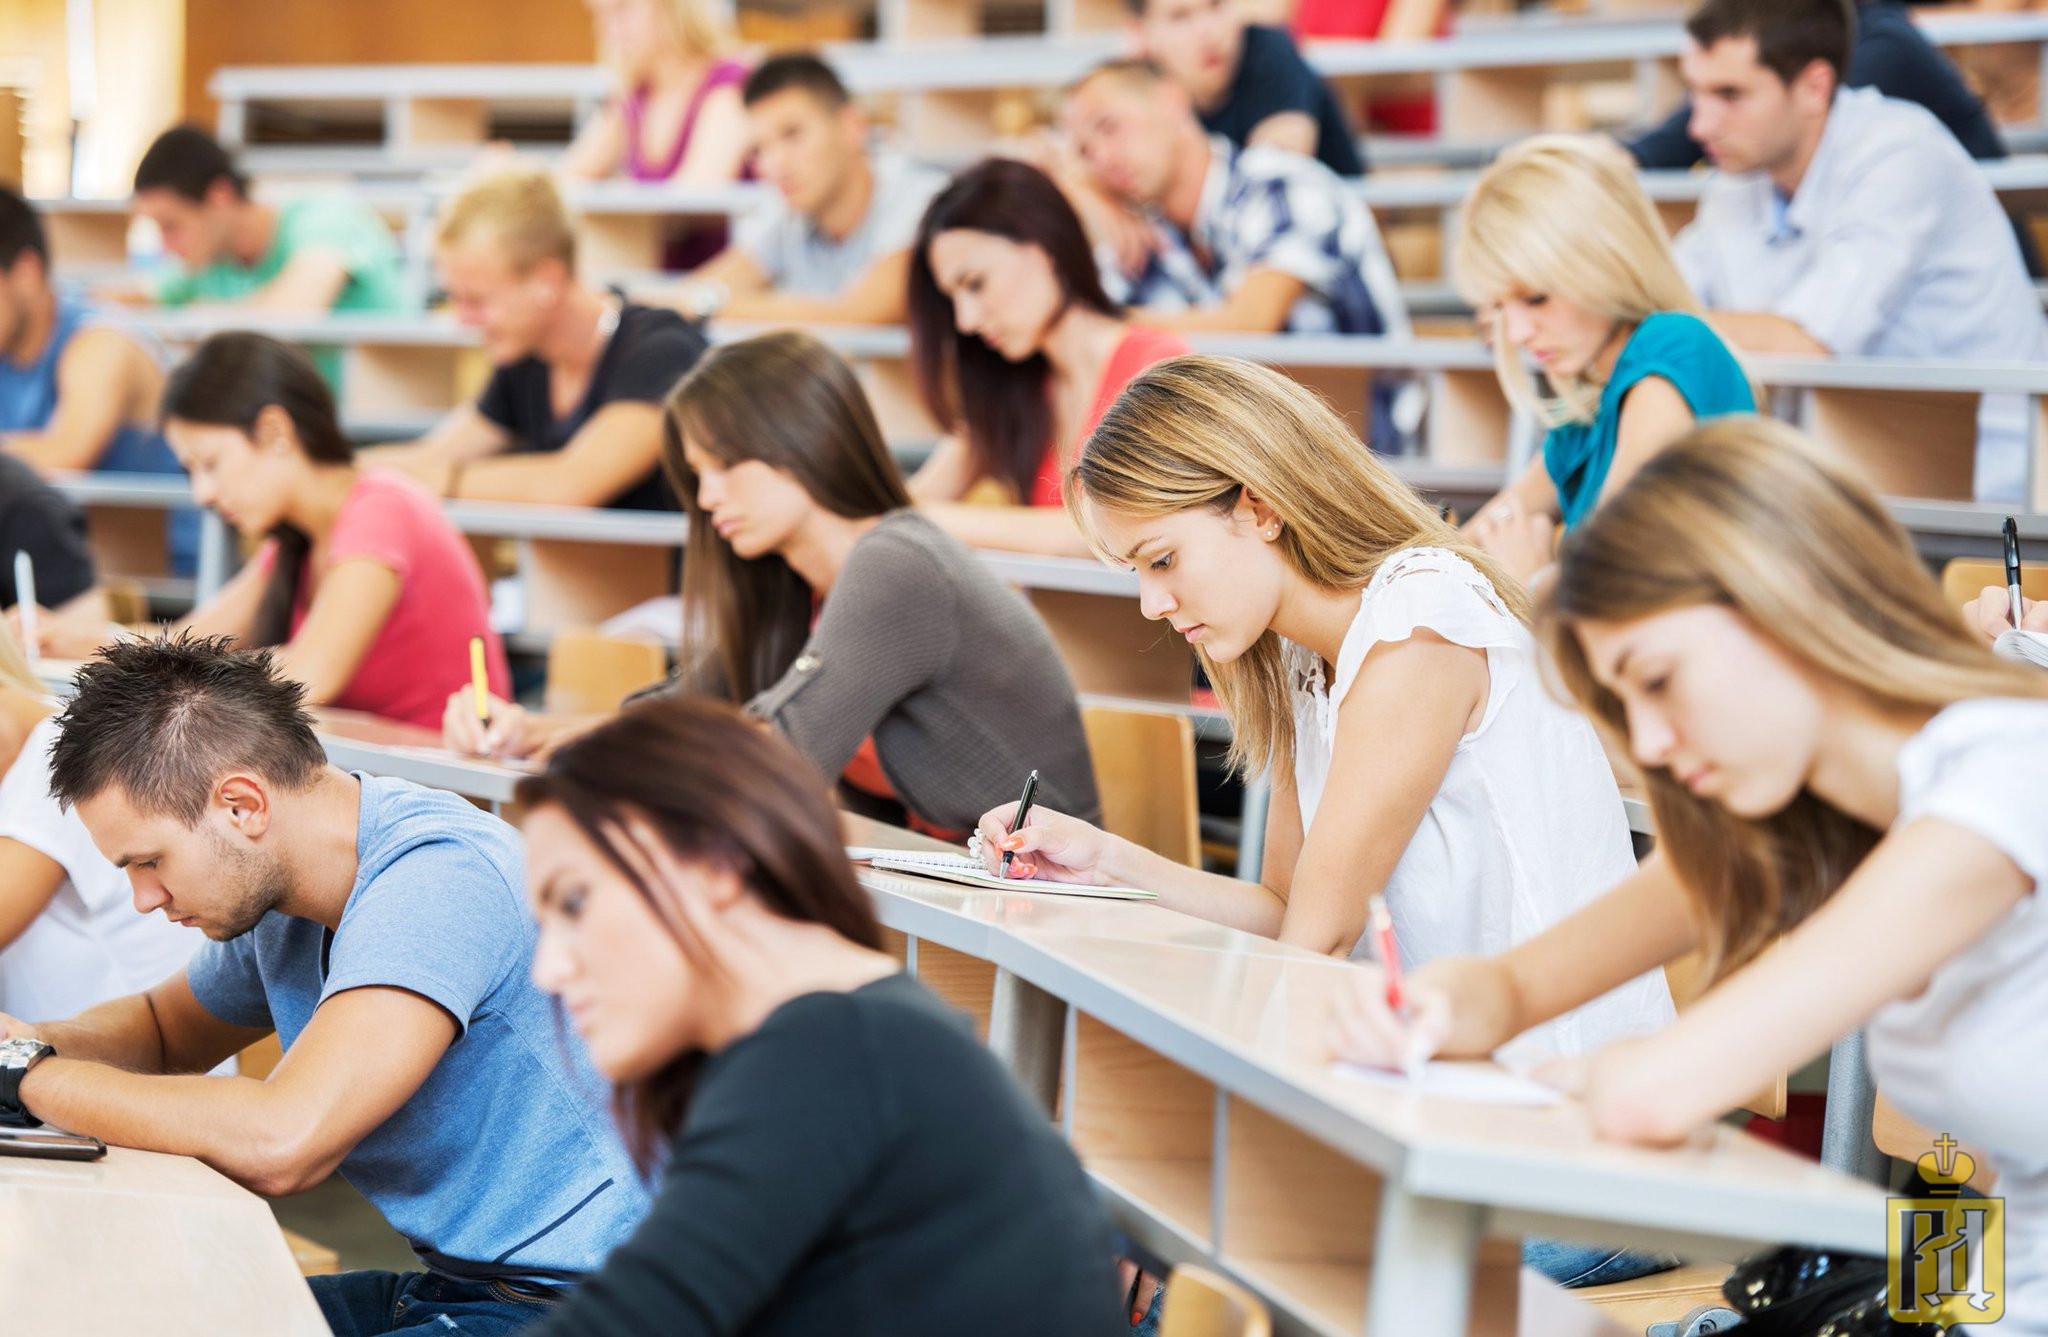 ВУЗ - хорошо, а колледж - плохо. Так ли это на самом деле?